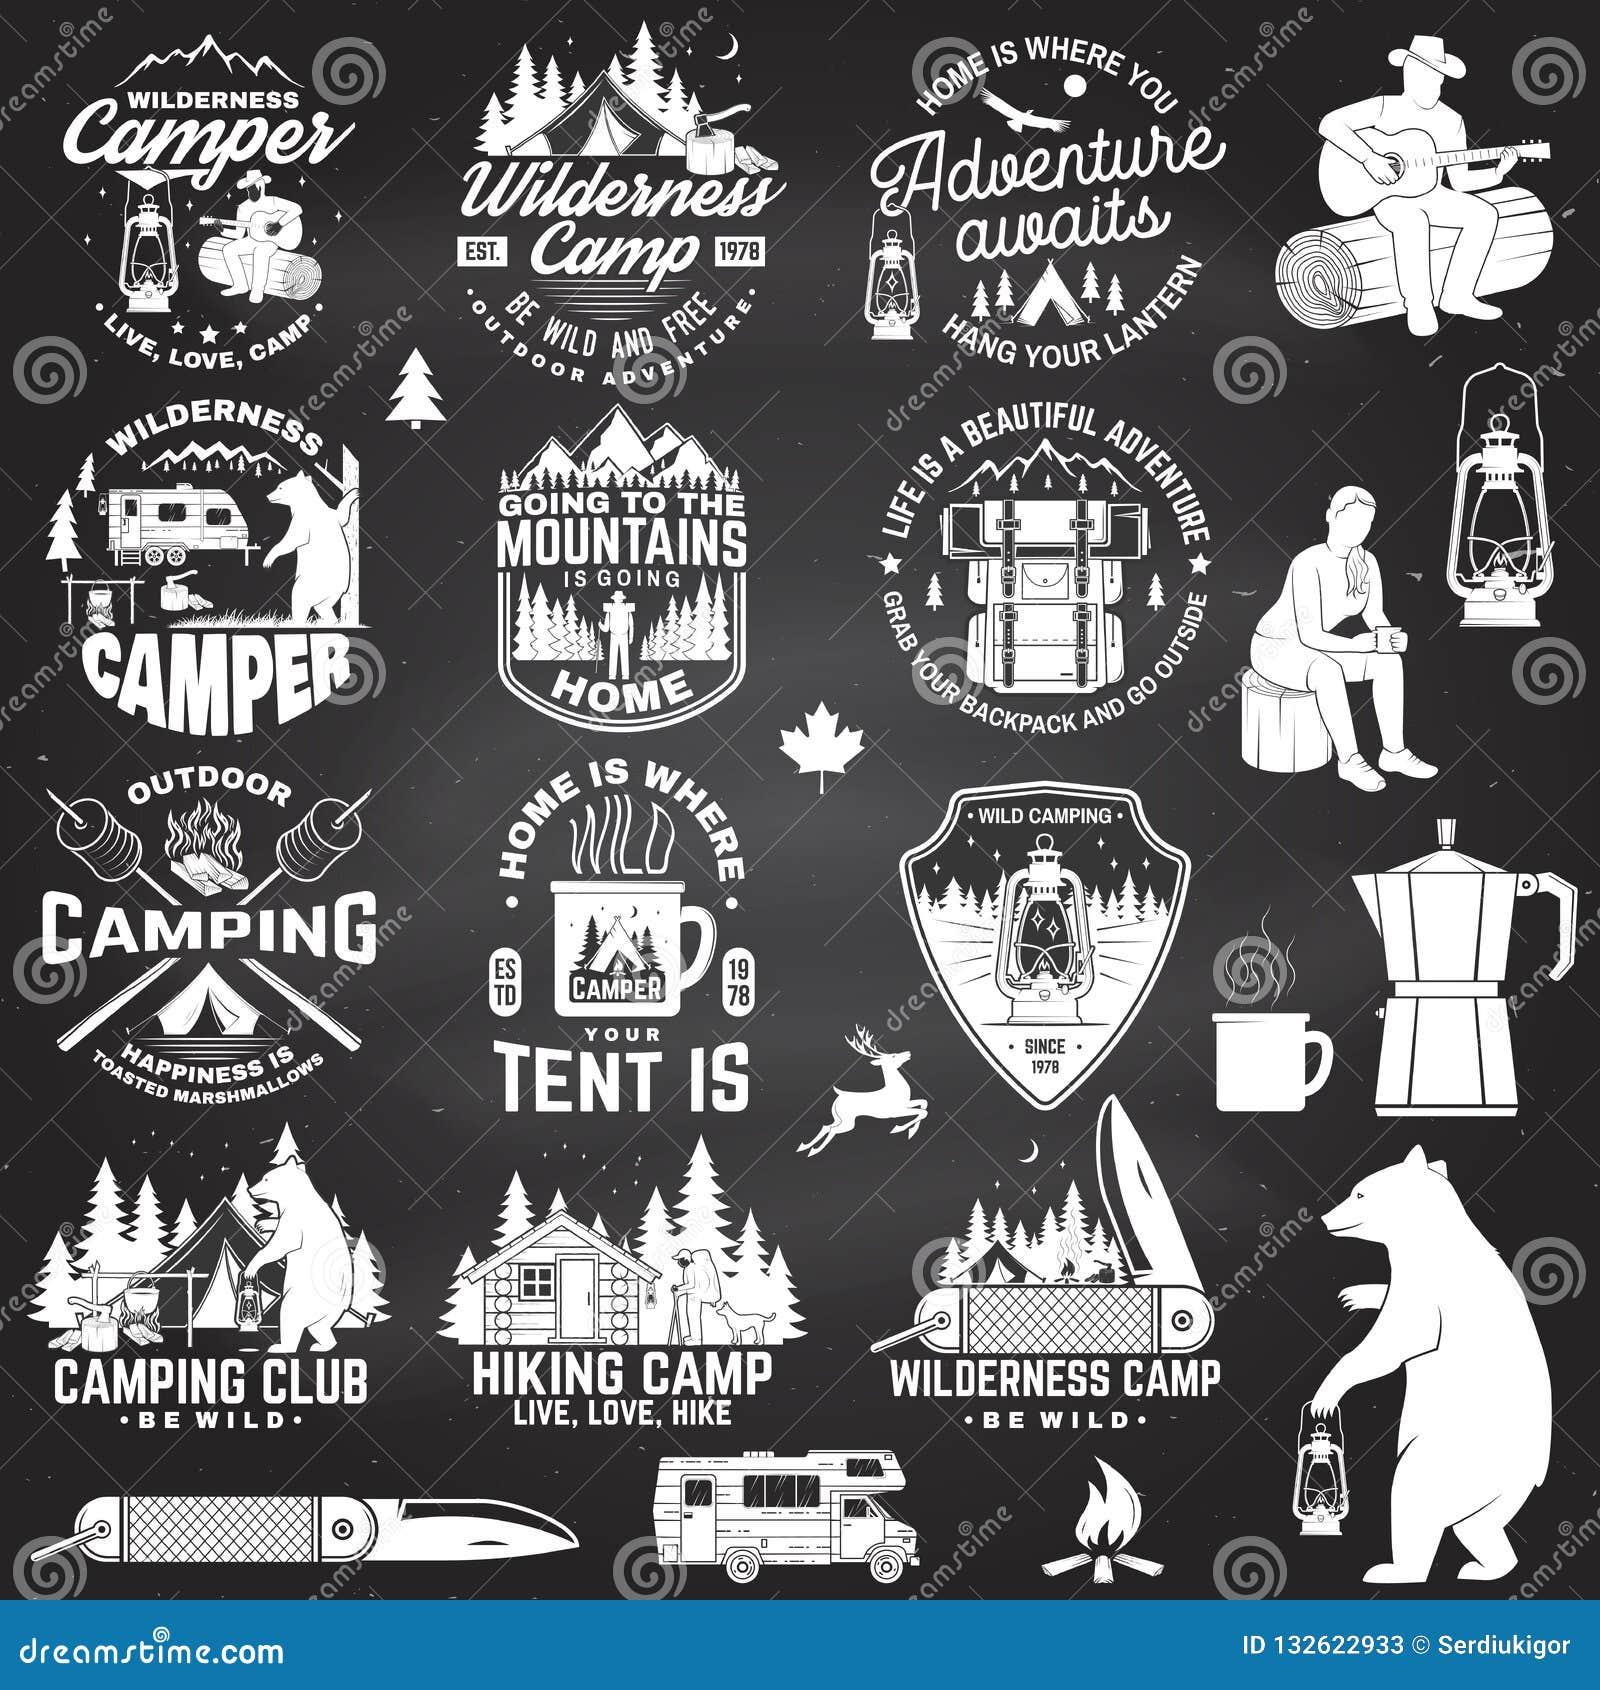 Camp de région sauvage Soyez sauvage et gratuit Vecteur Concept pour l insigne, la chemise ou le logo, copie, timbre, correction